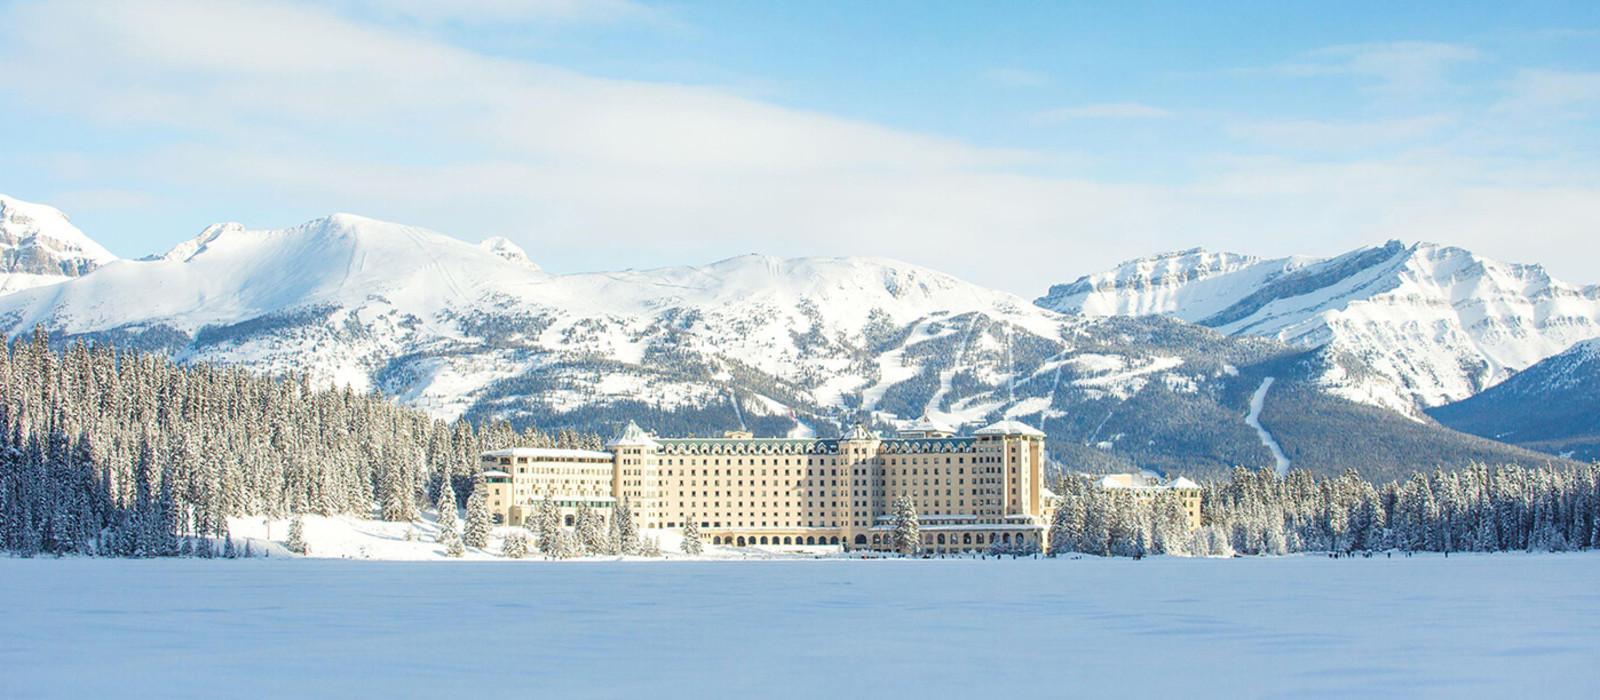 Hotel Fairmont Chateau Lake Louise Canada